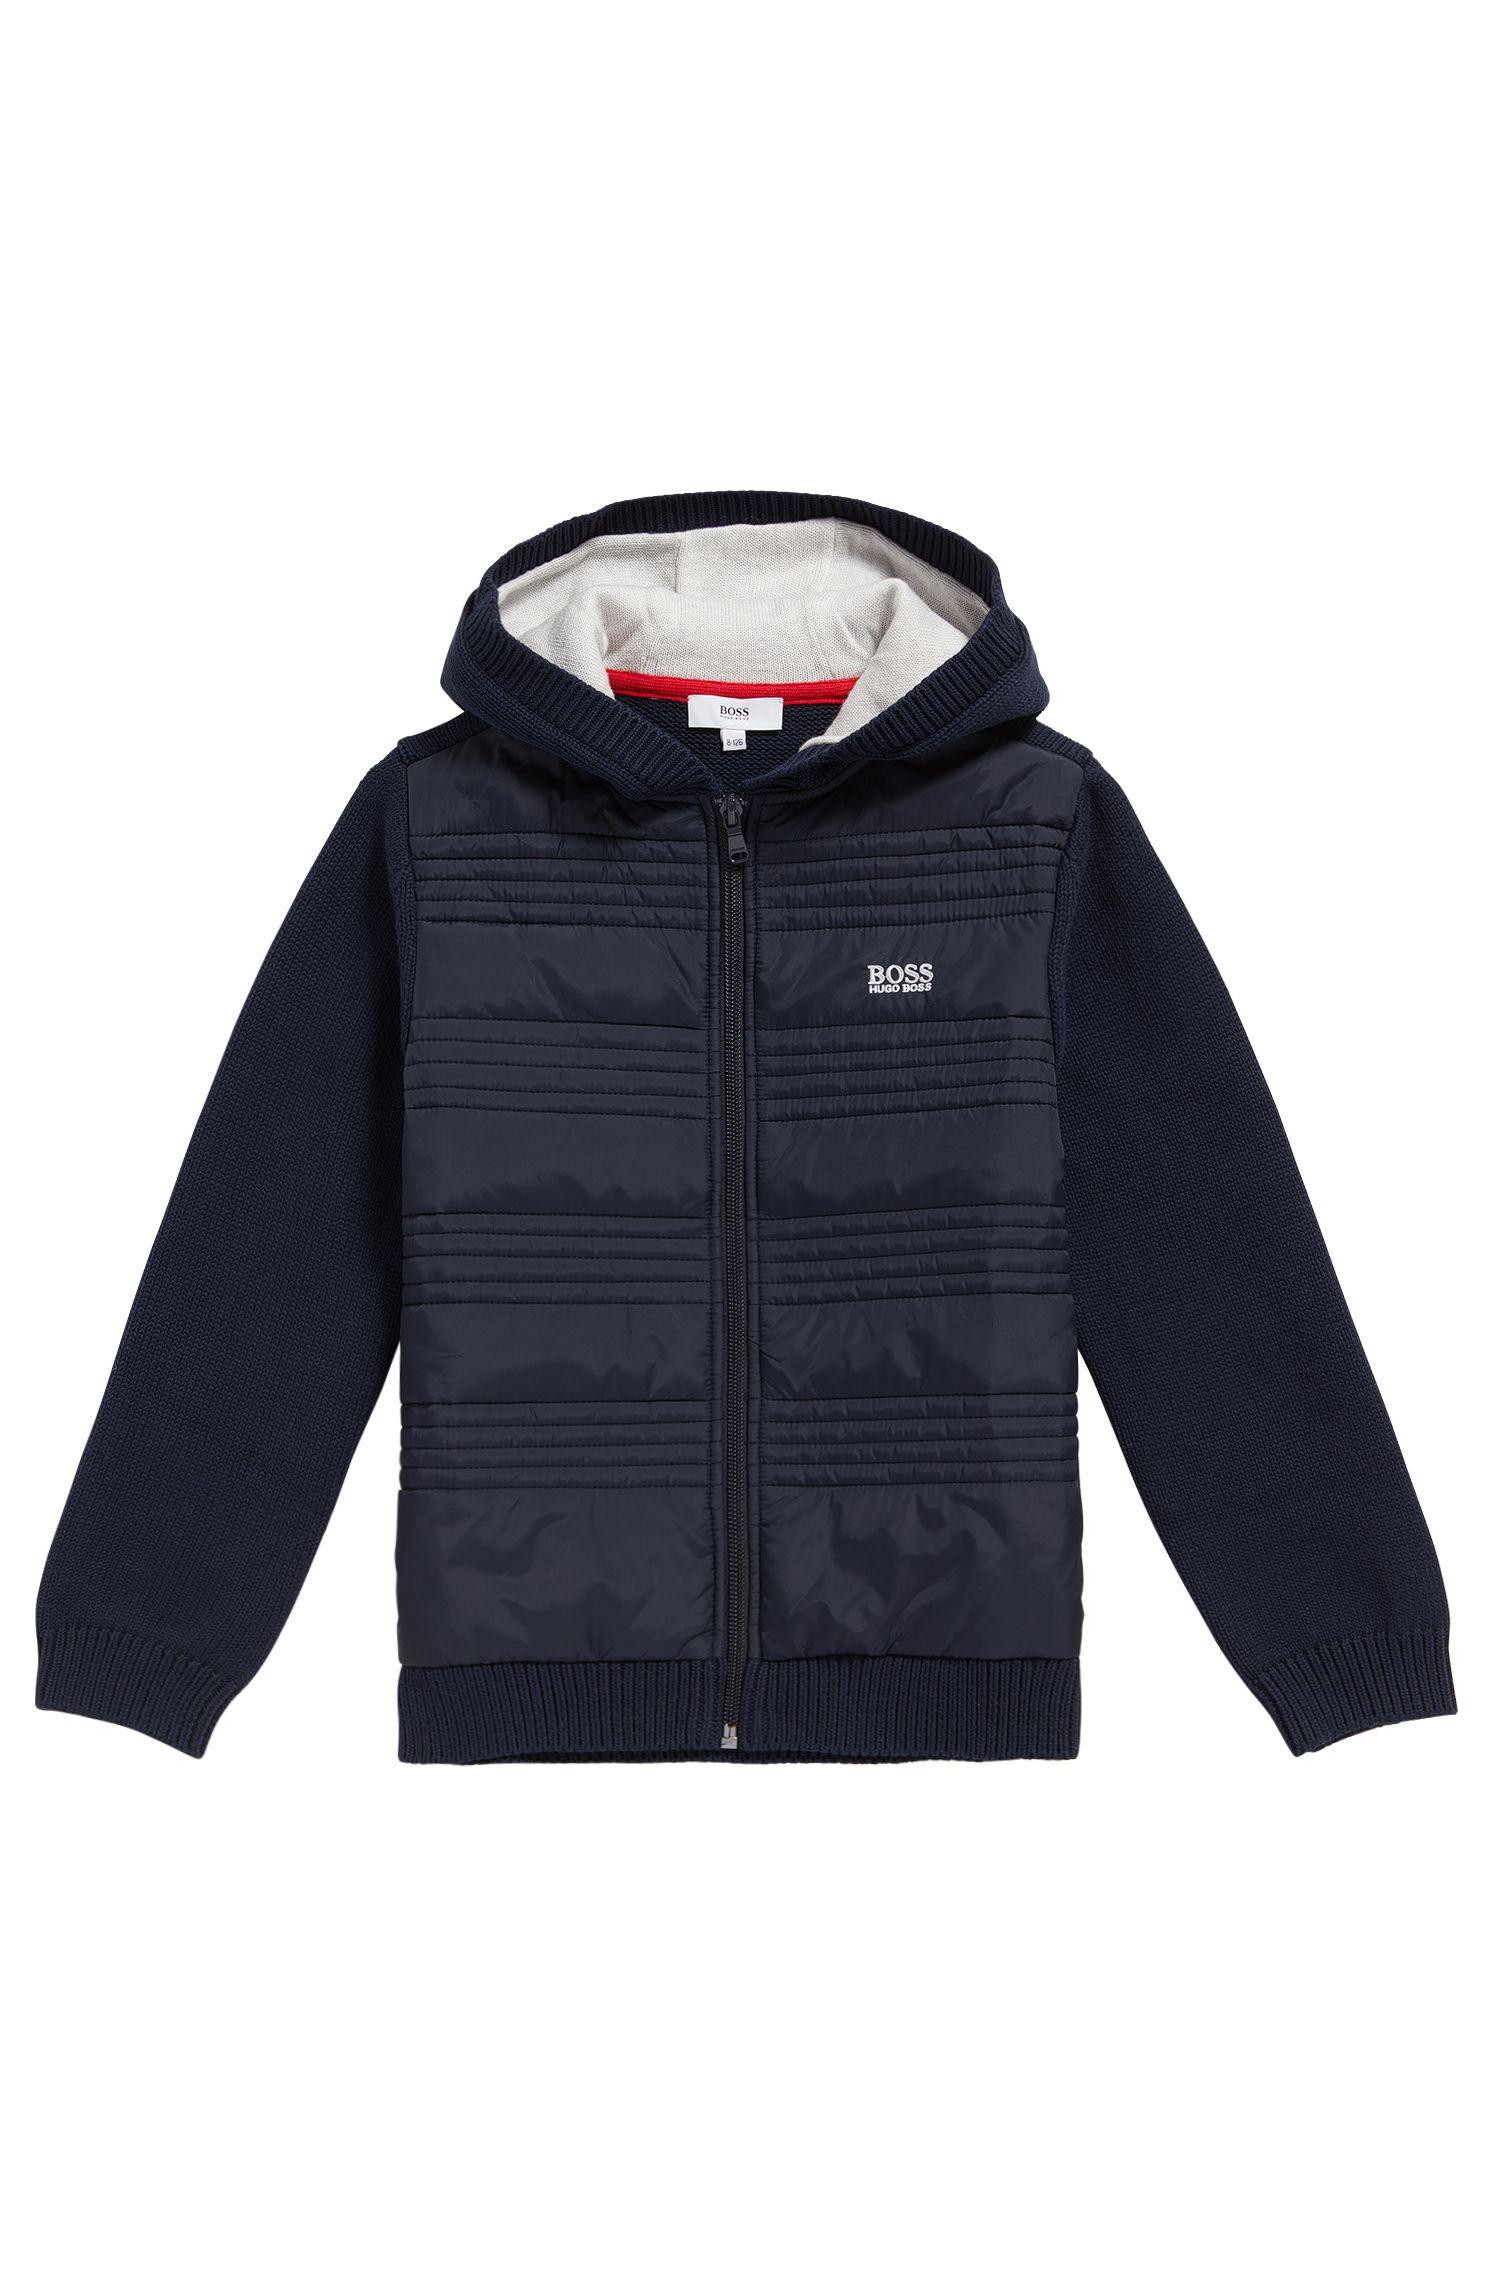 Veste en maille pour enfant en coton, à détails surpiqués: «J25A23»